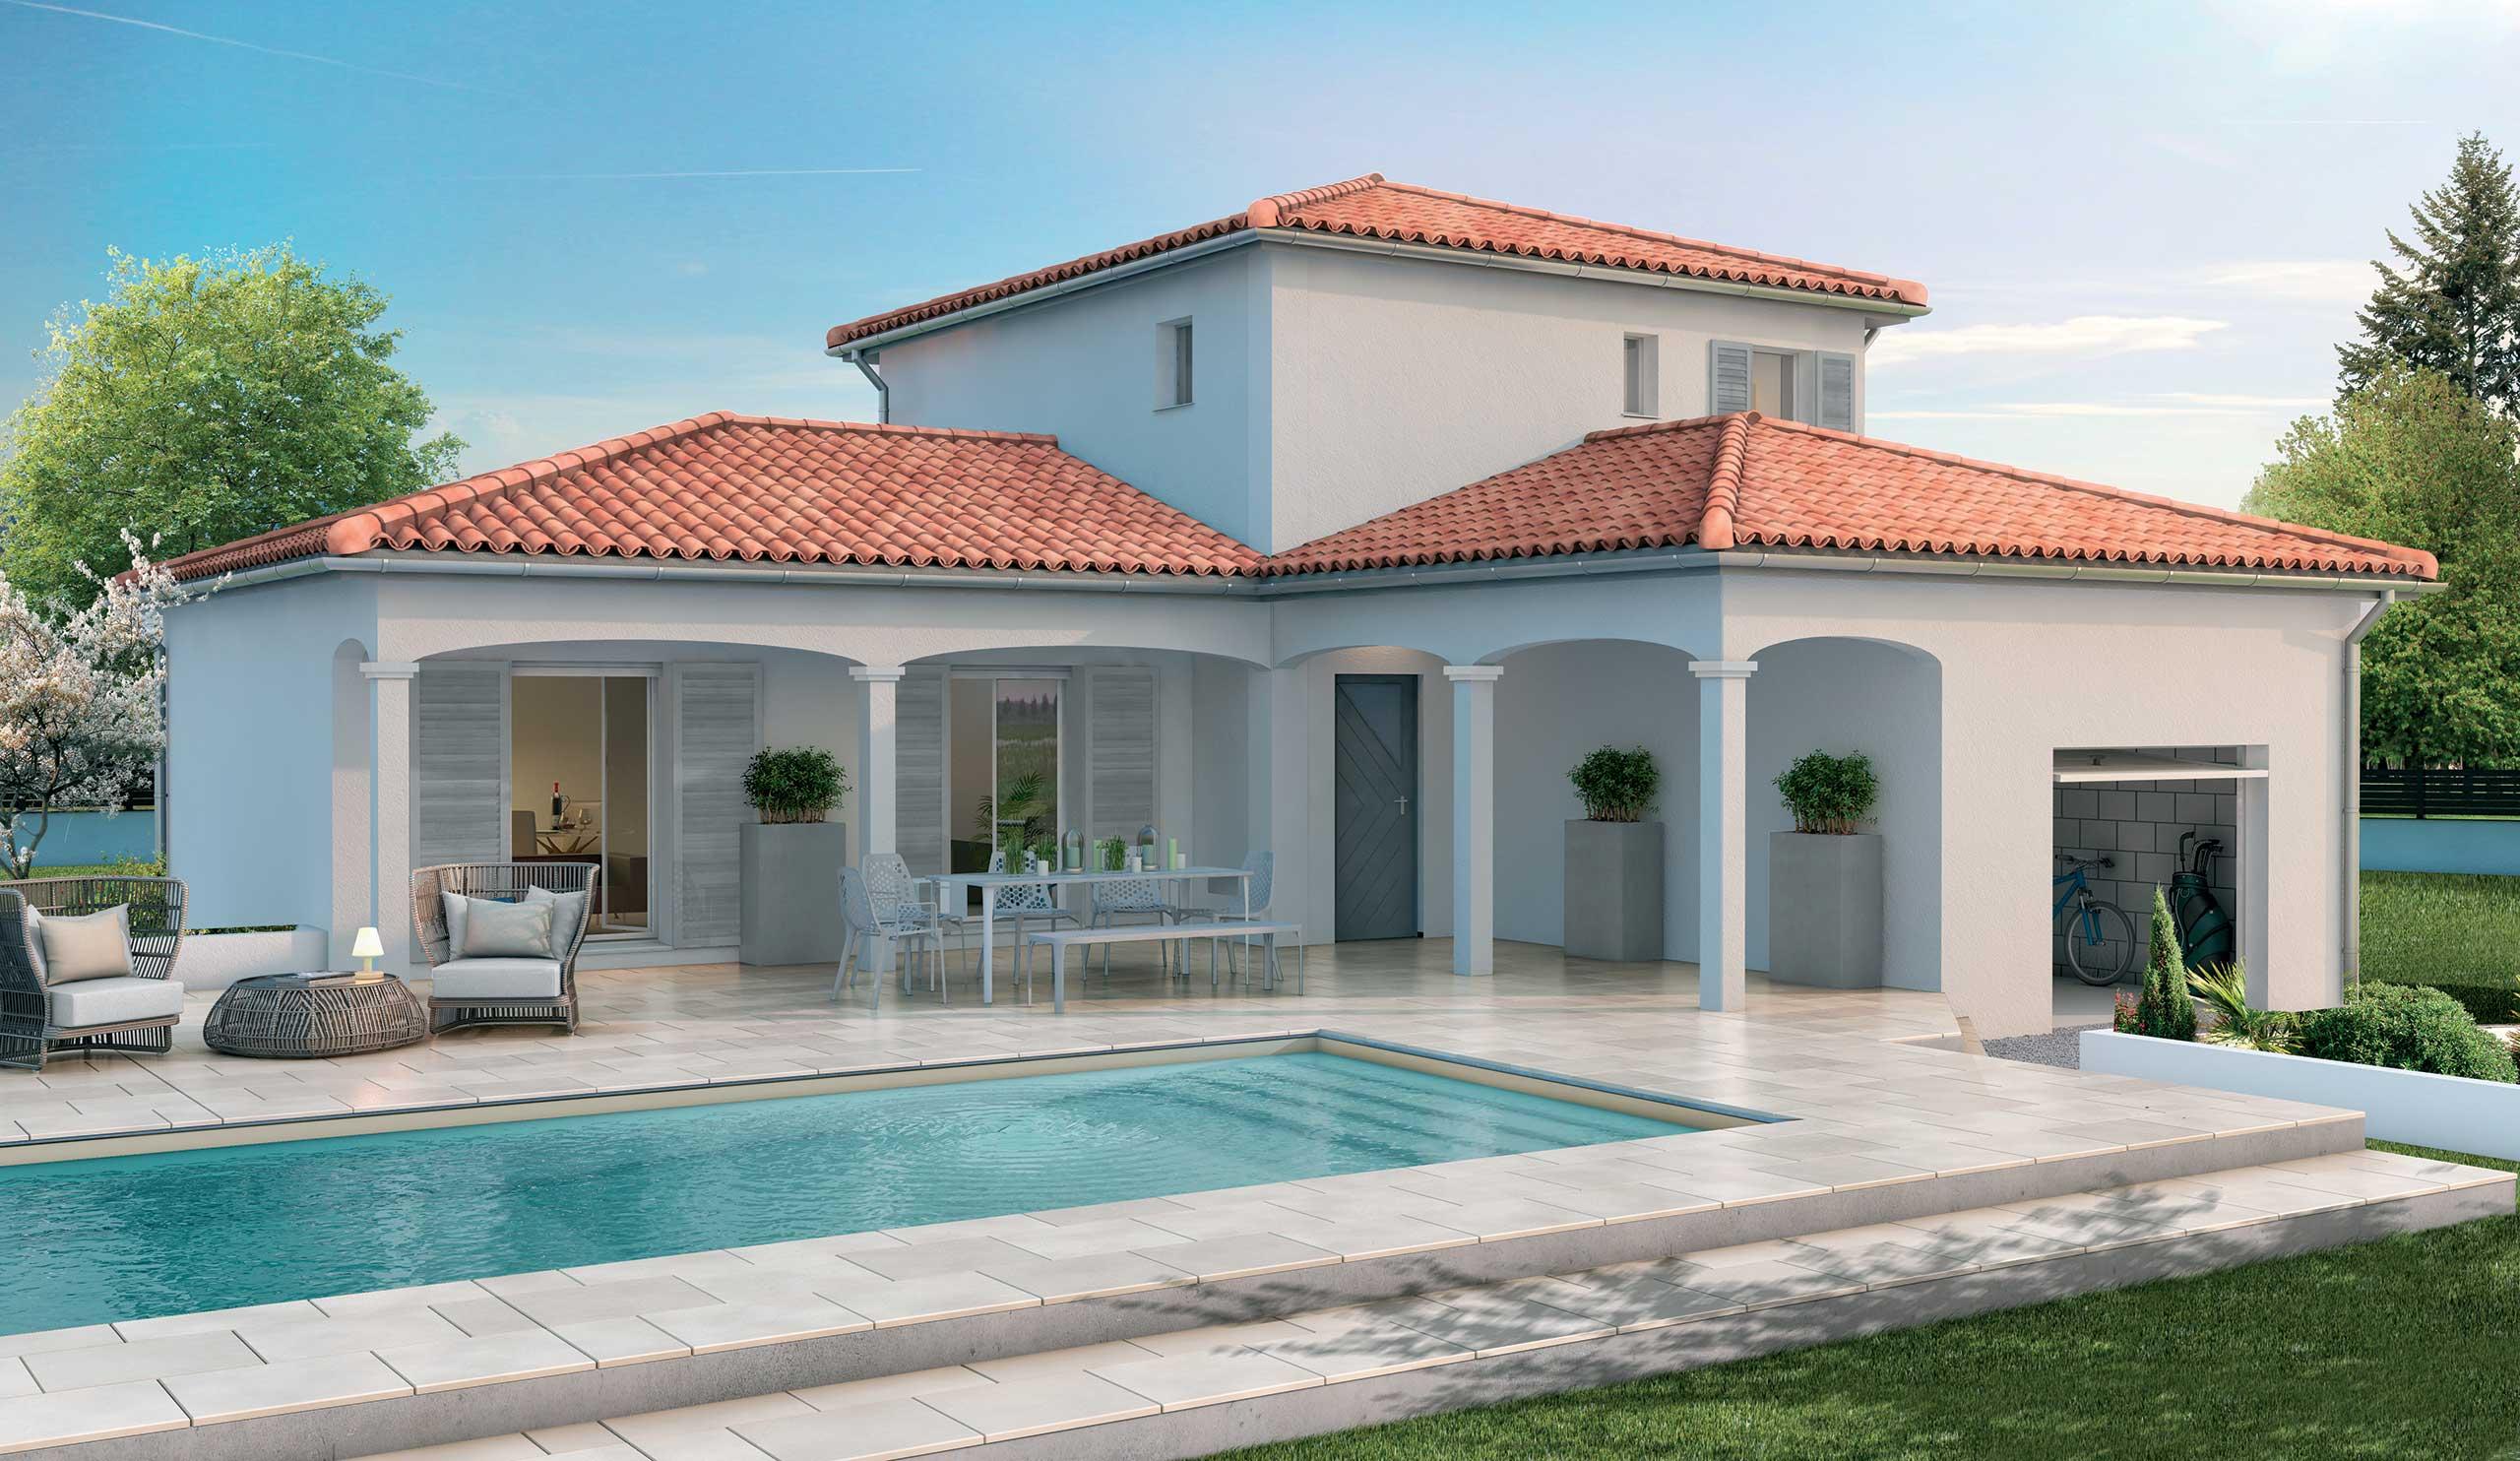 maison modèle de maison charme : une maison aux allures provençales